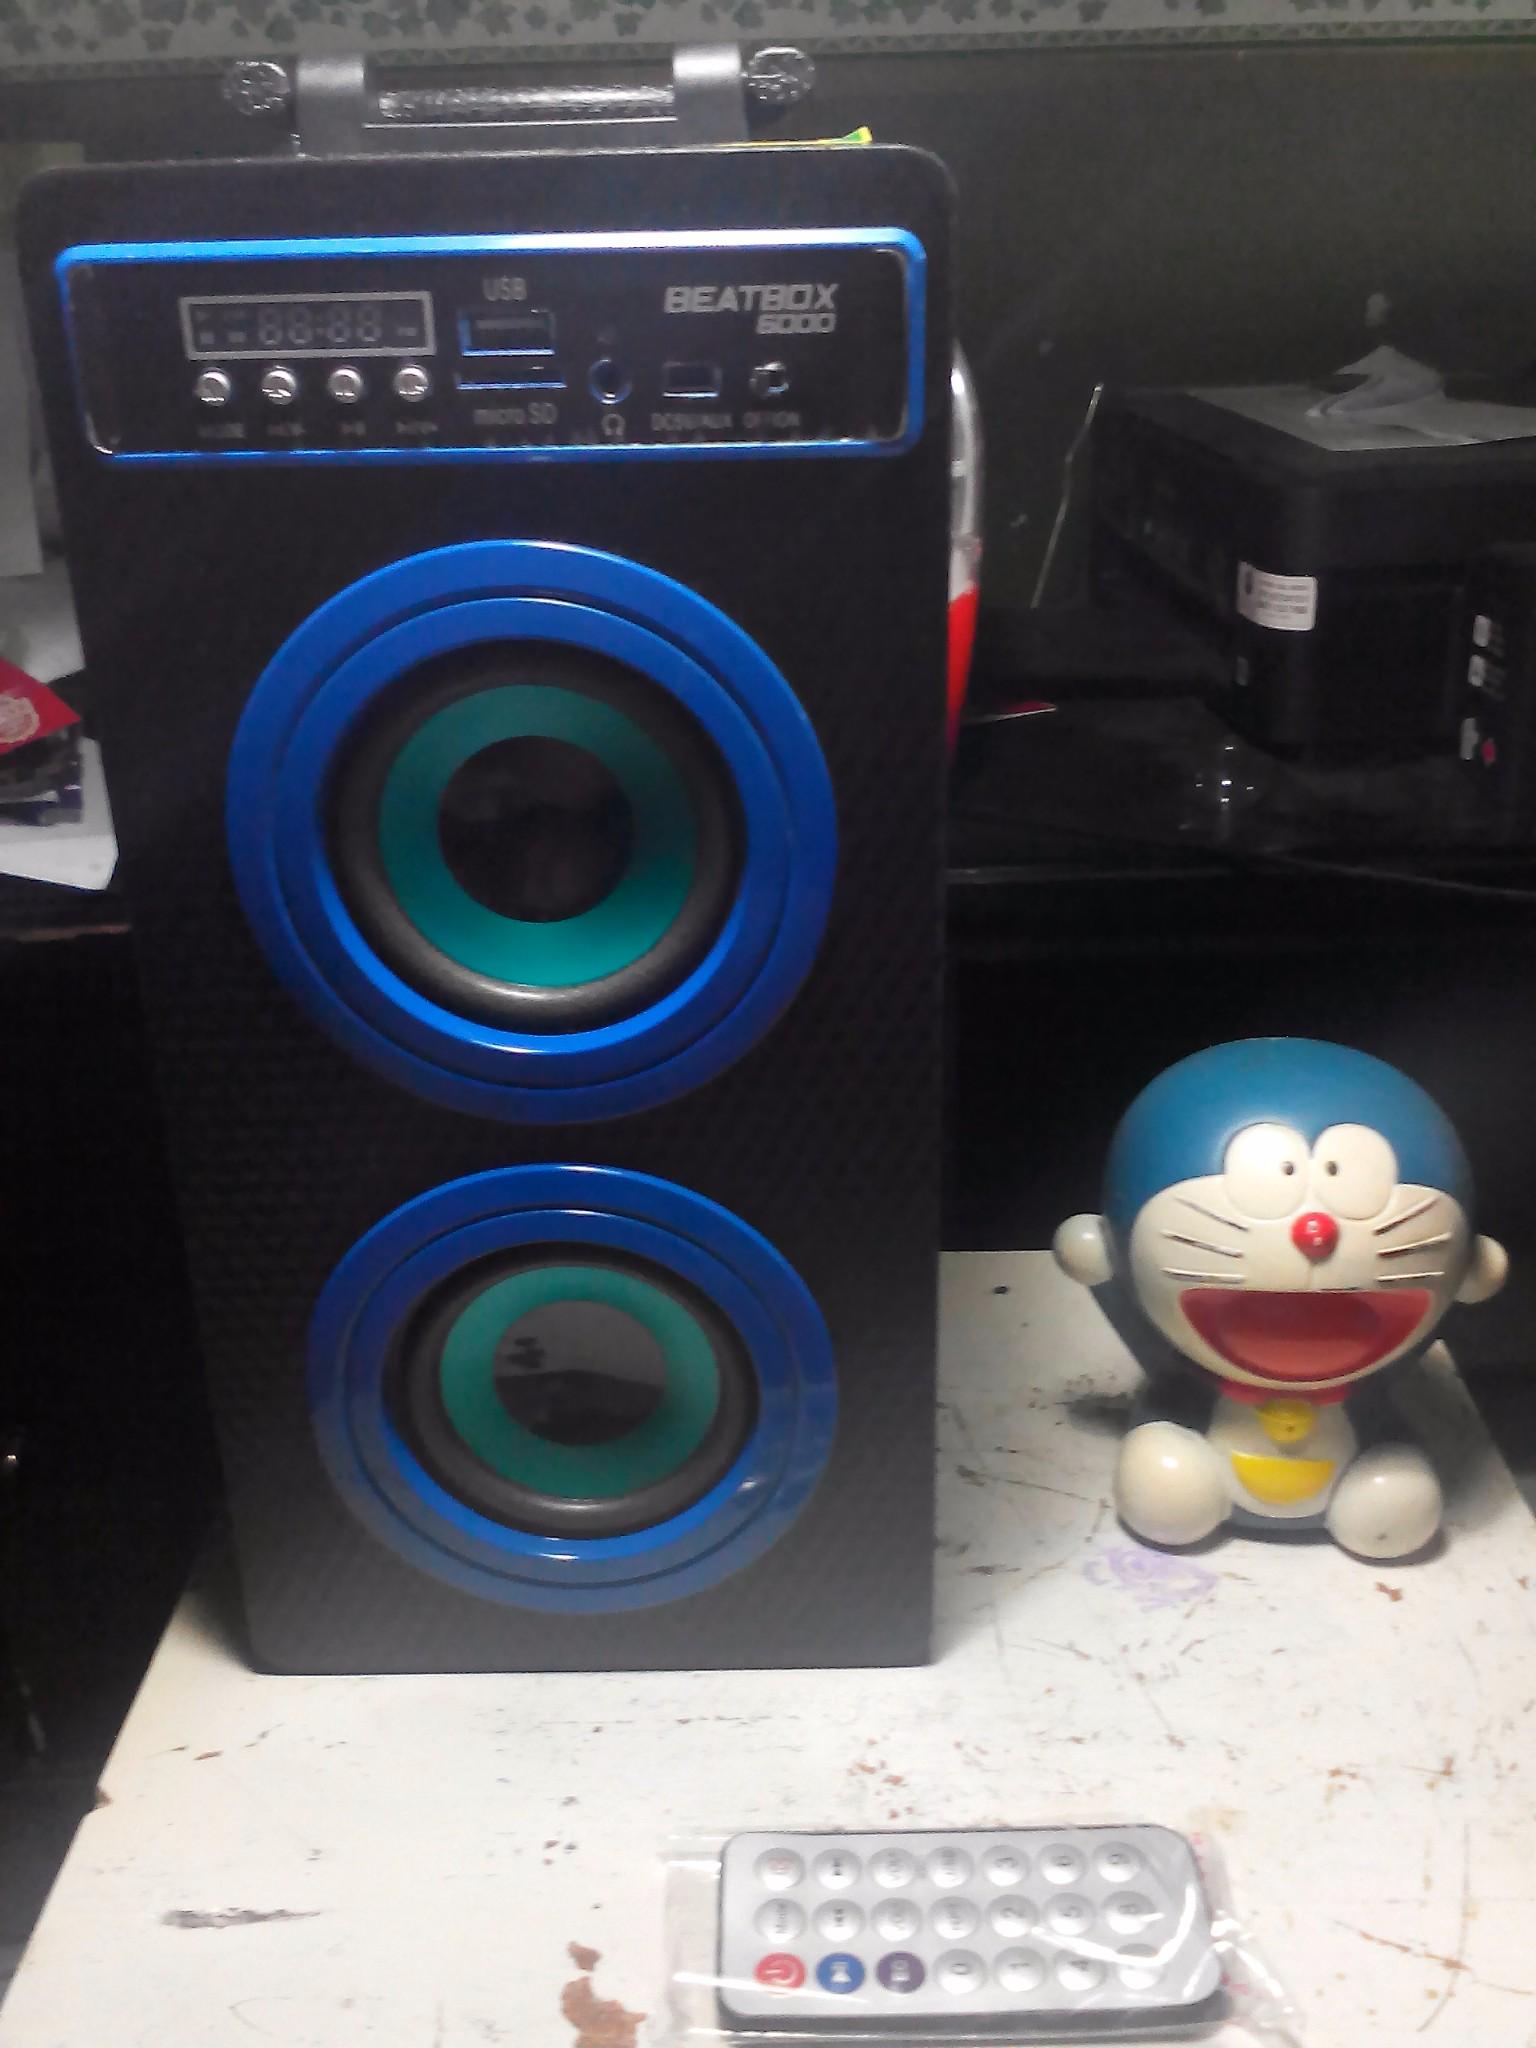 Speaker Audiobox Beatbox 6000 Merah jual audiobox beatbox 6000 mo2n puter